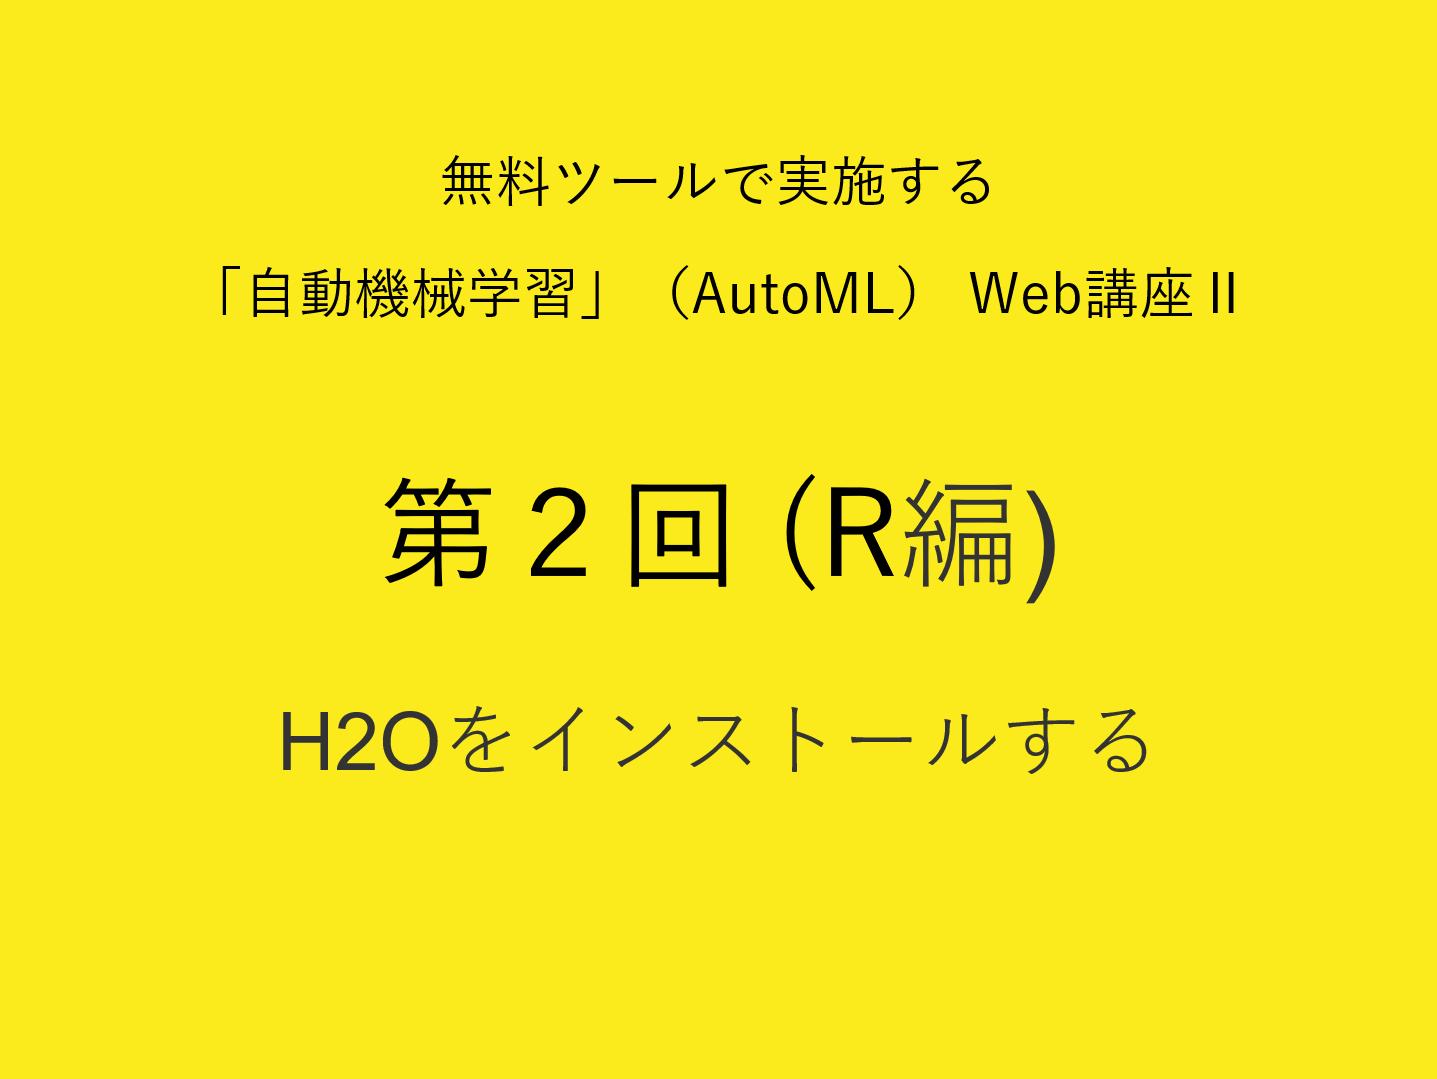 H2Oをインストールする(R編)